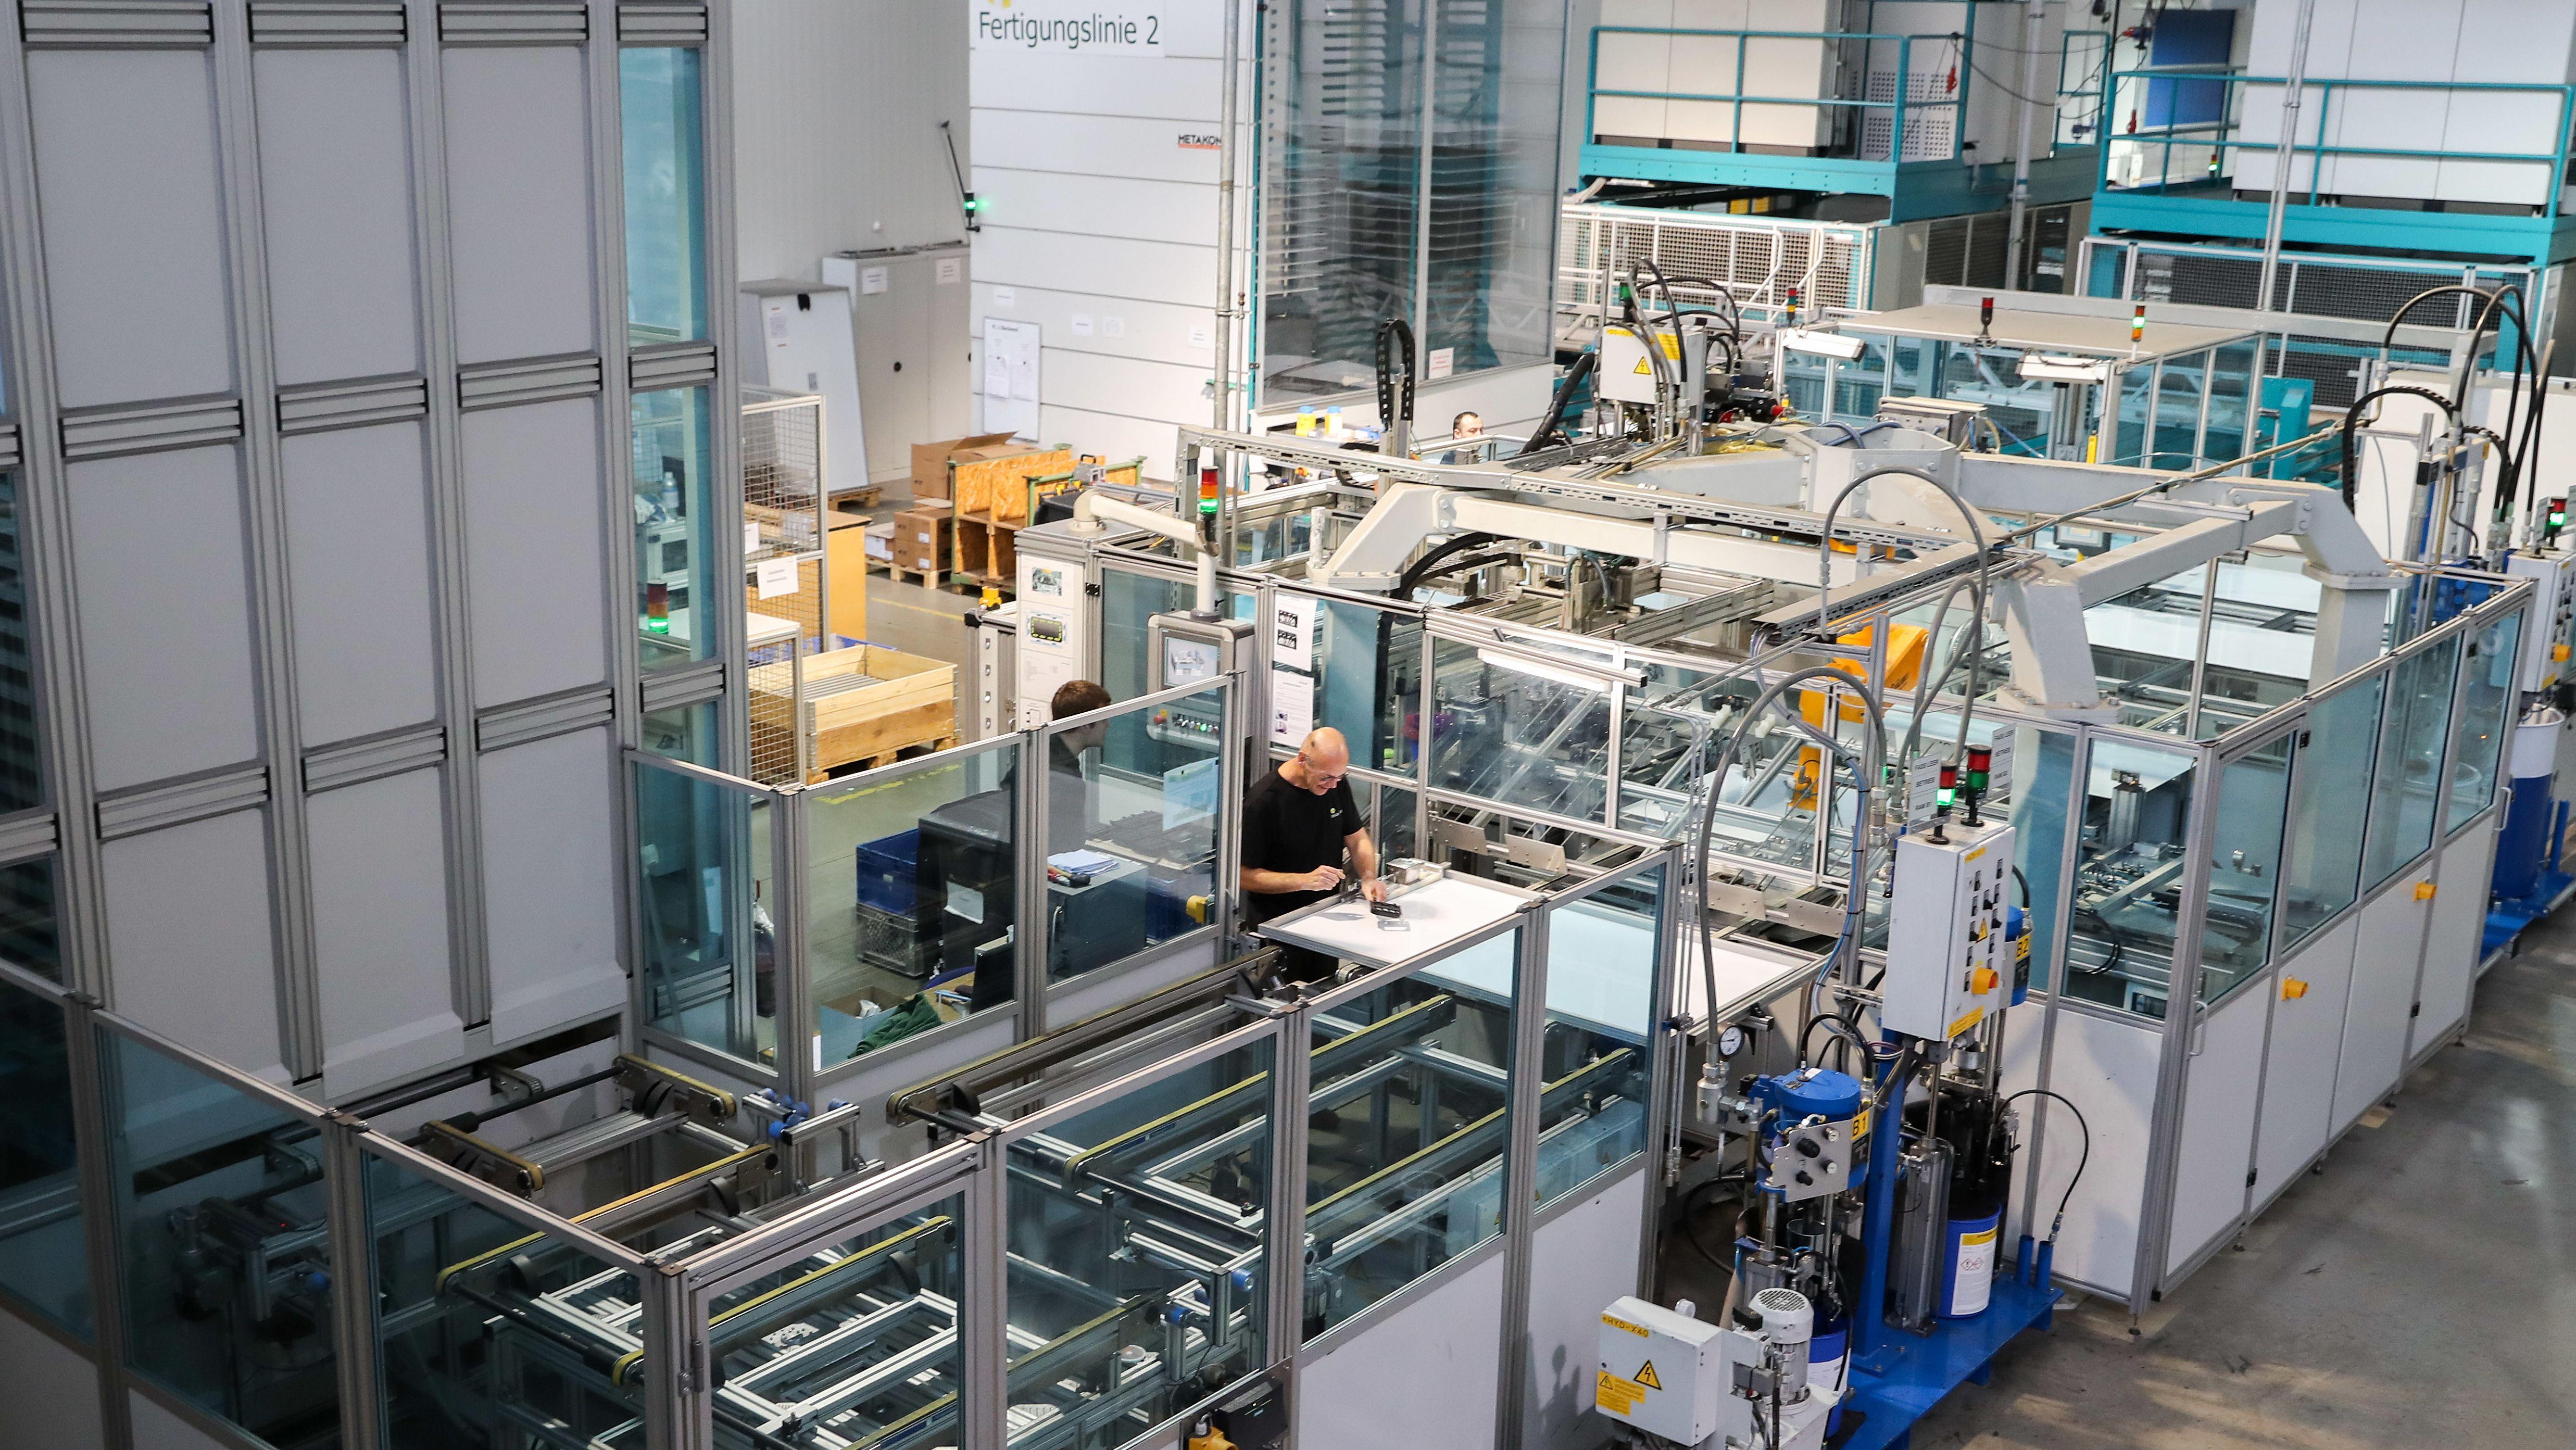 Ein Mitarbeiter der Heckert Solar GmbH arbeitet in der Fertigungslinie von Solarmodulen.